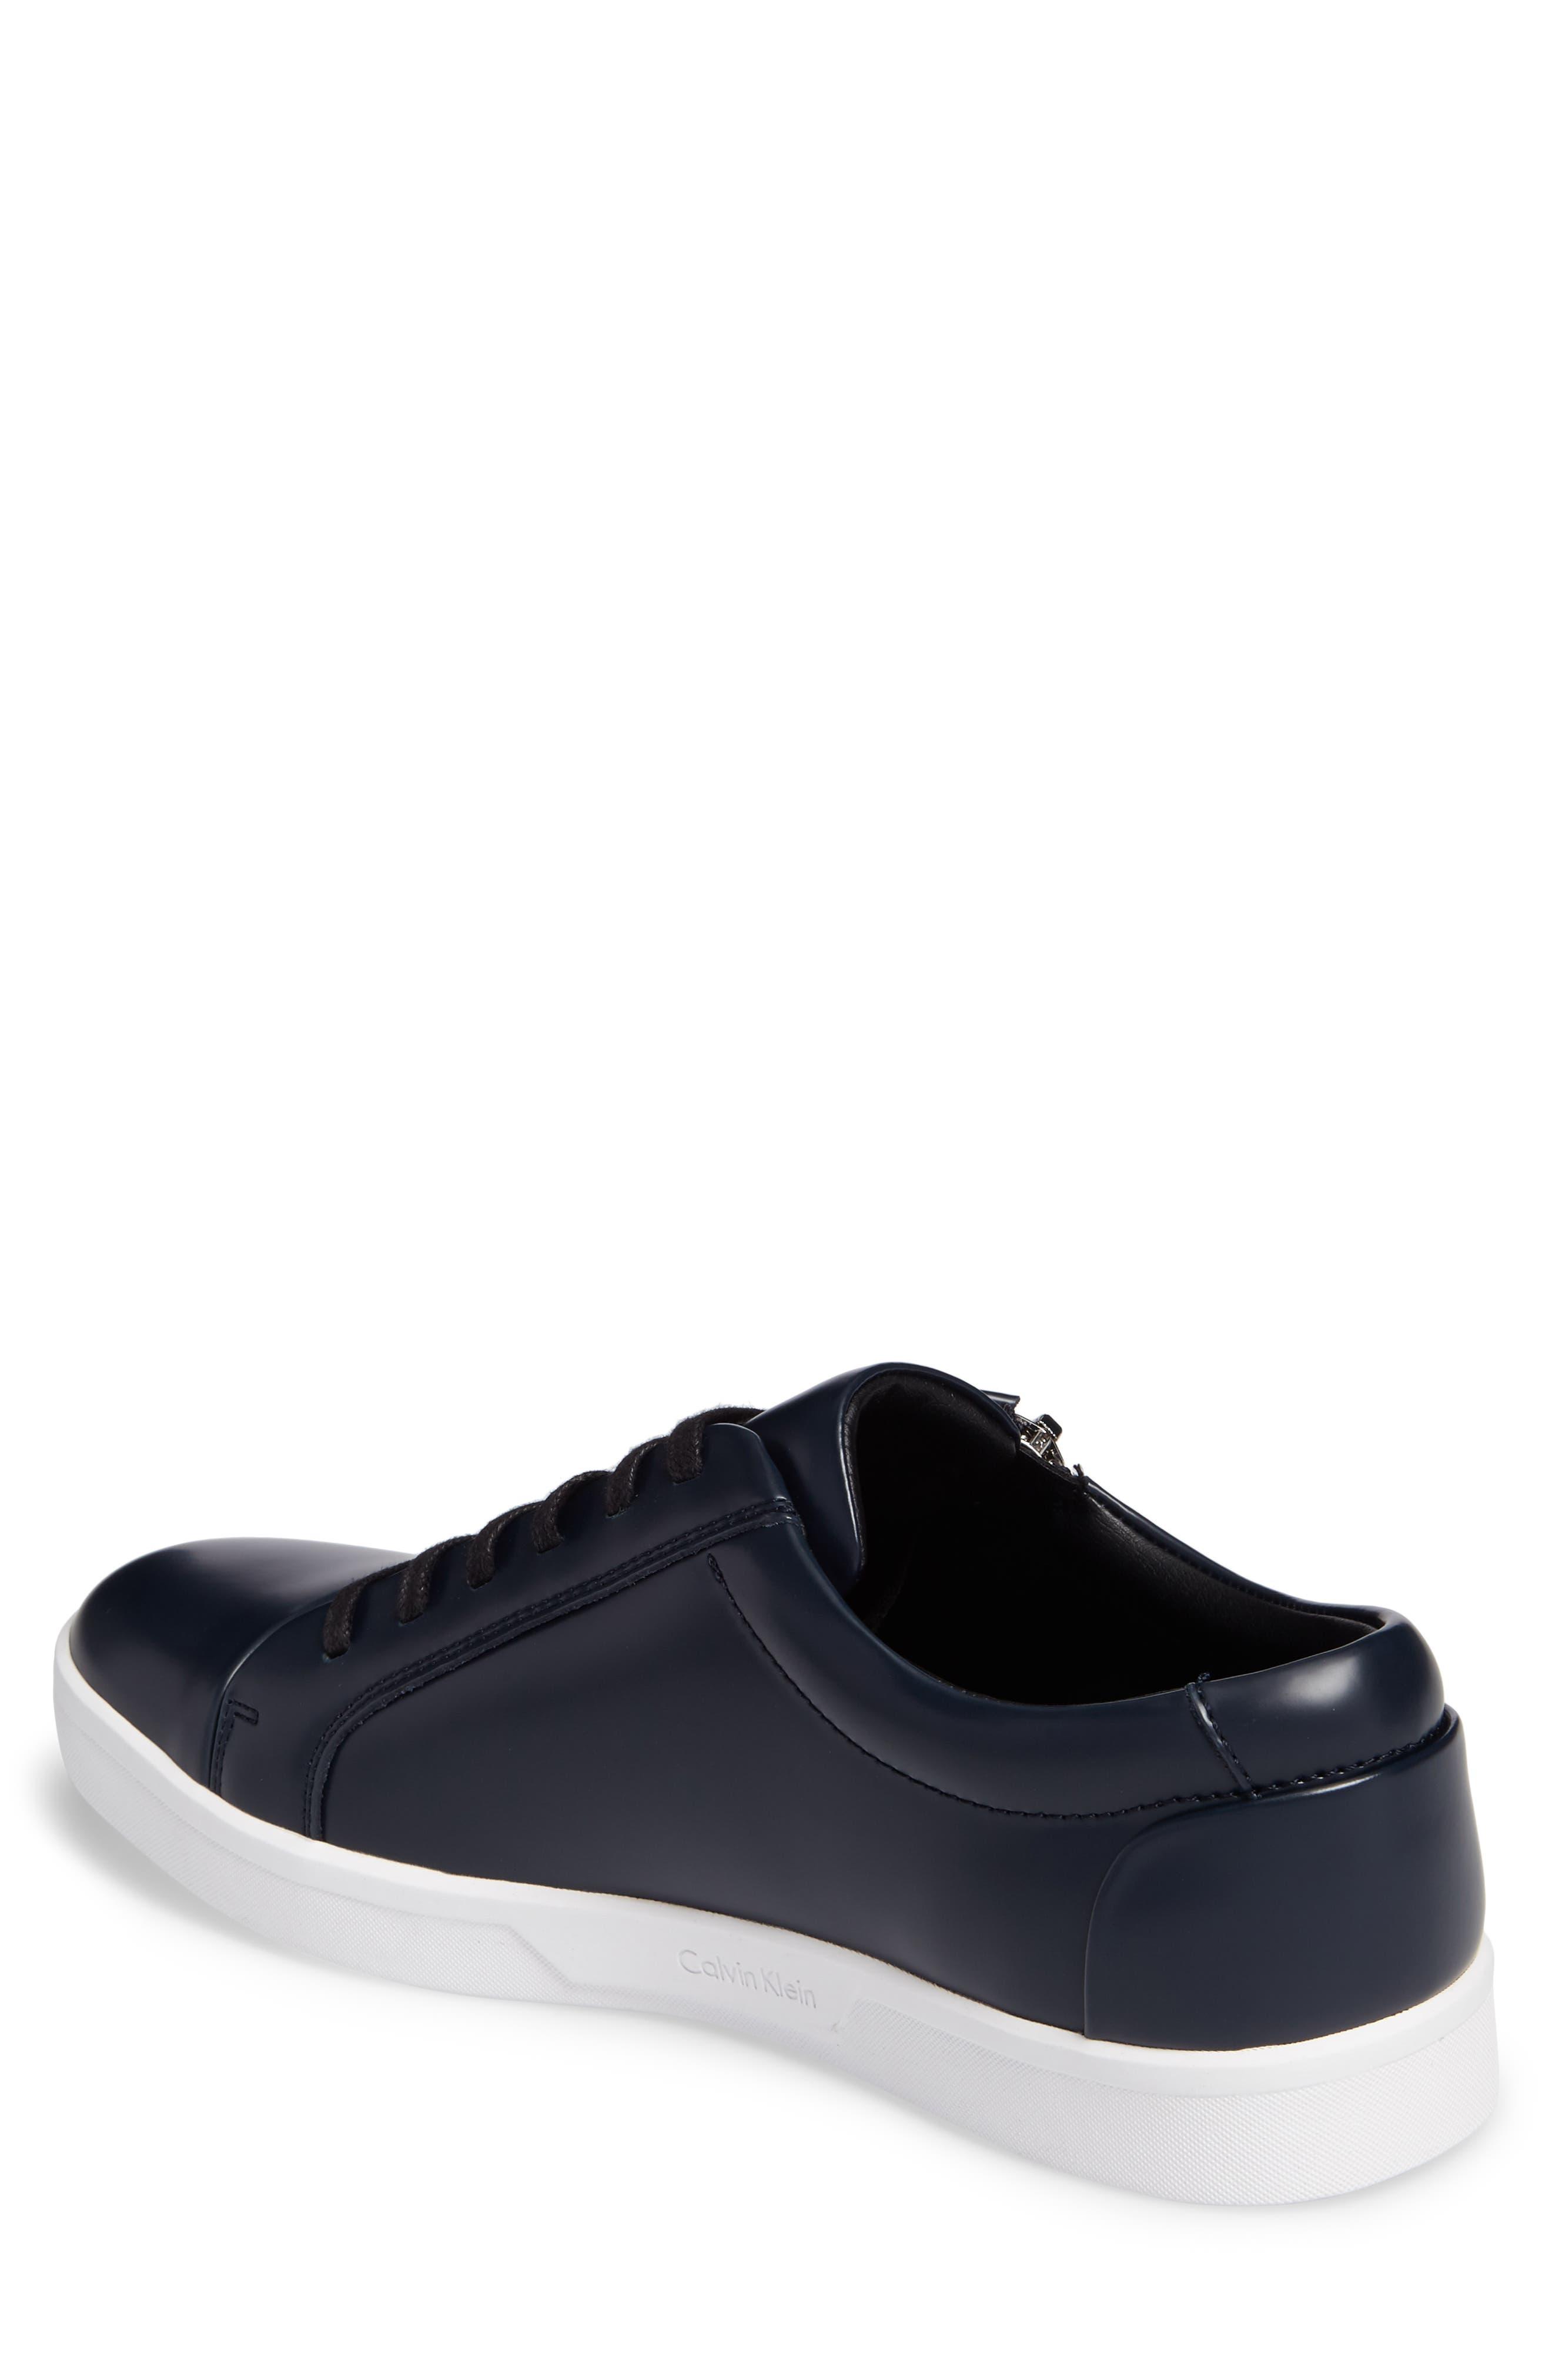 Ibrahim Cap-Toe Zip Sneaker,                             Alternate thumbnail 6, color,